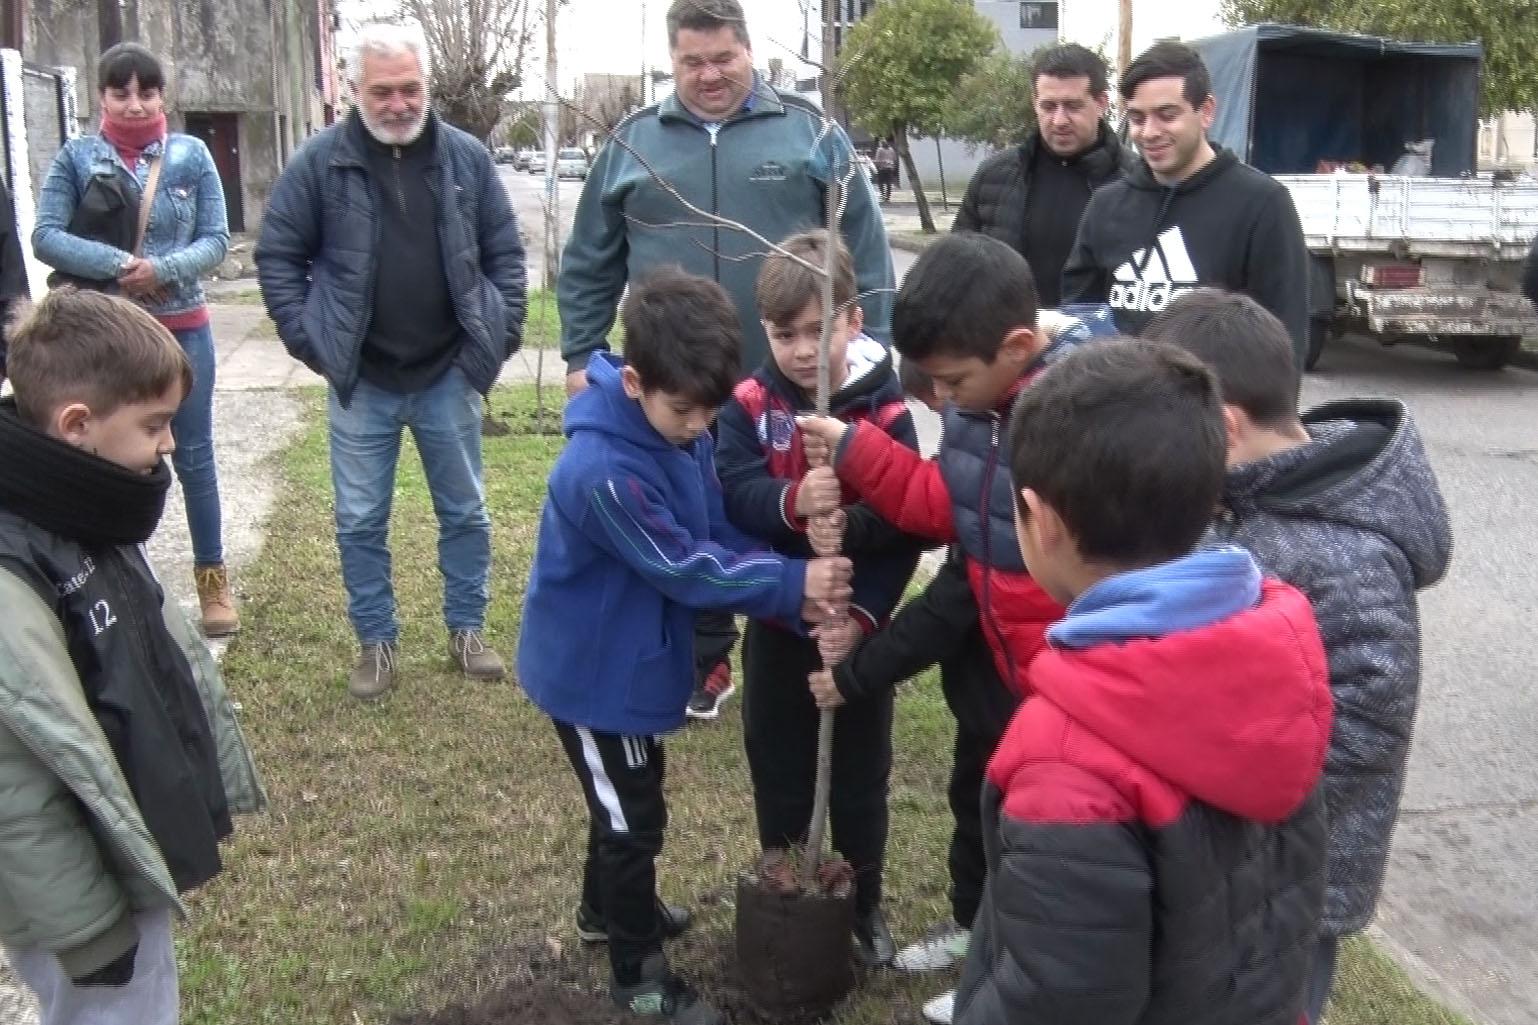 El intendente Jorge Nedela participó de una jornada de plantación de árboles junto a integrantes de fútbol infantil del Club Estrella de Berisso, en el predio deportivo que la institución posee en calle 8 entre 162 y 163.